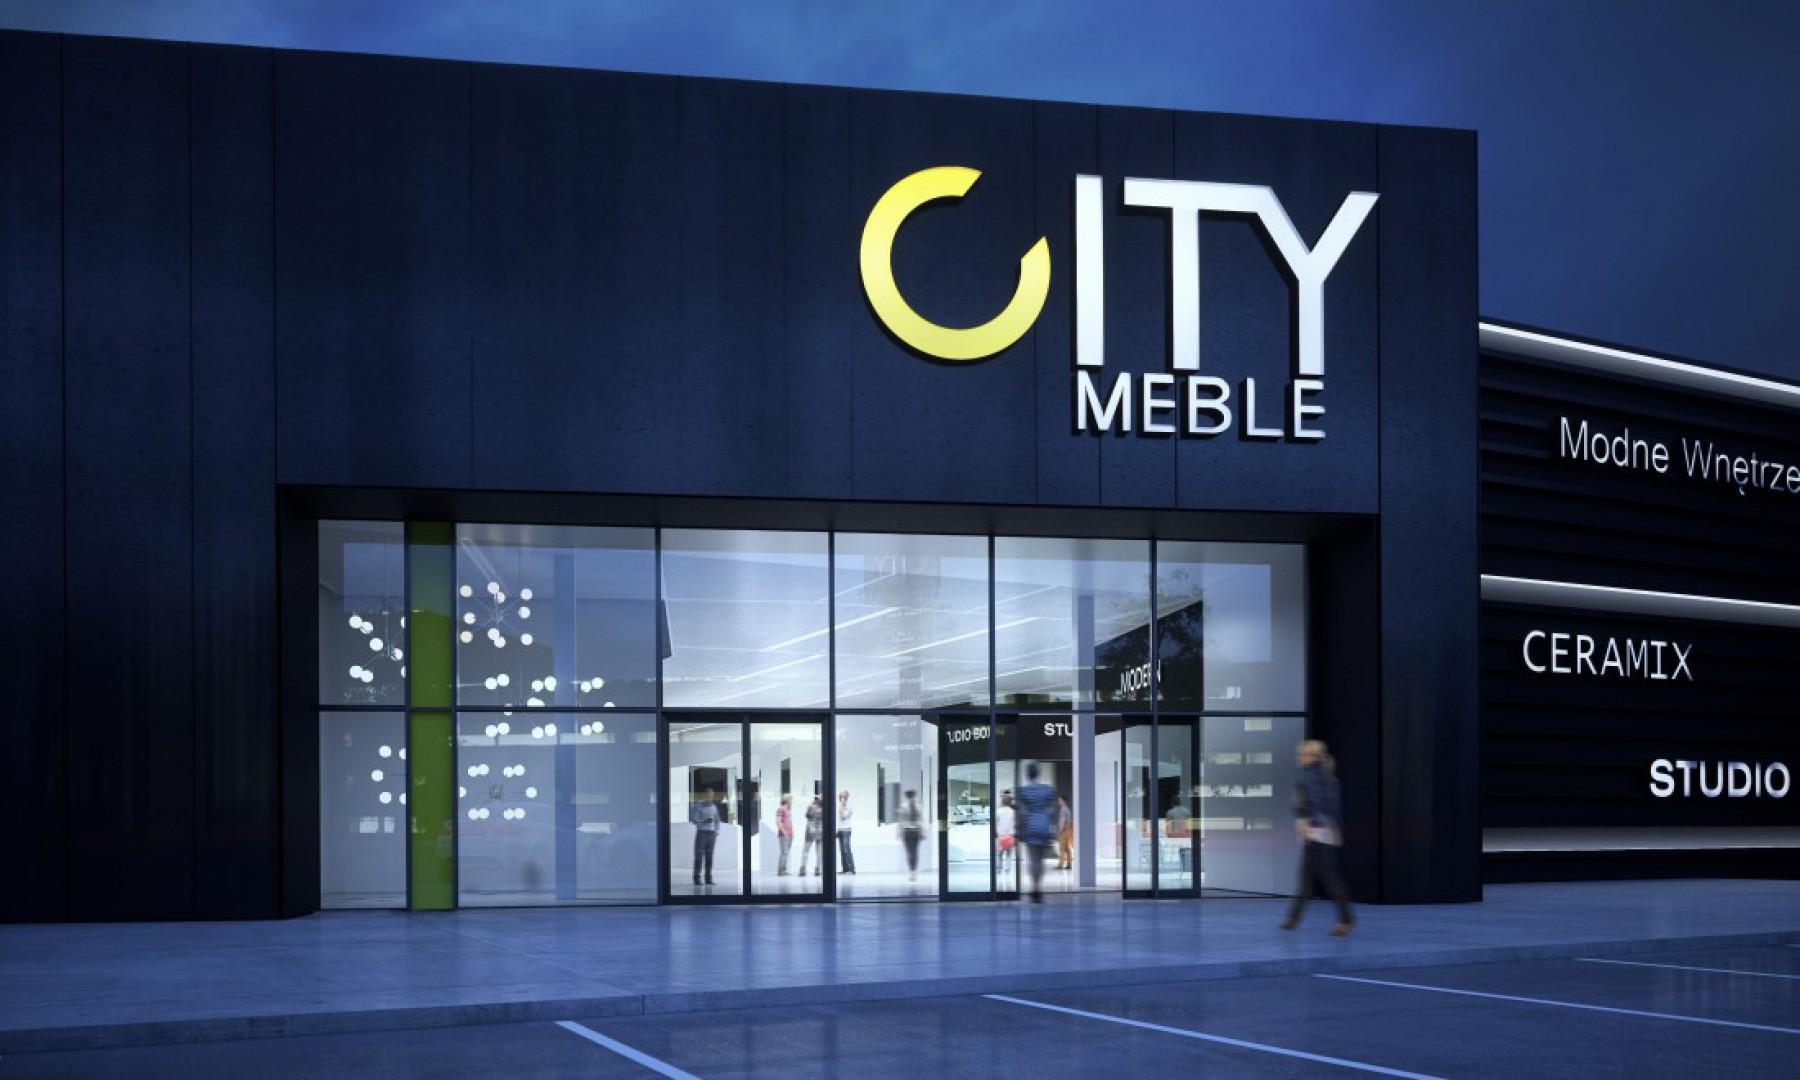 City Meble